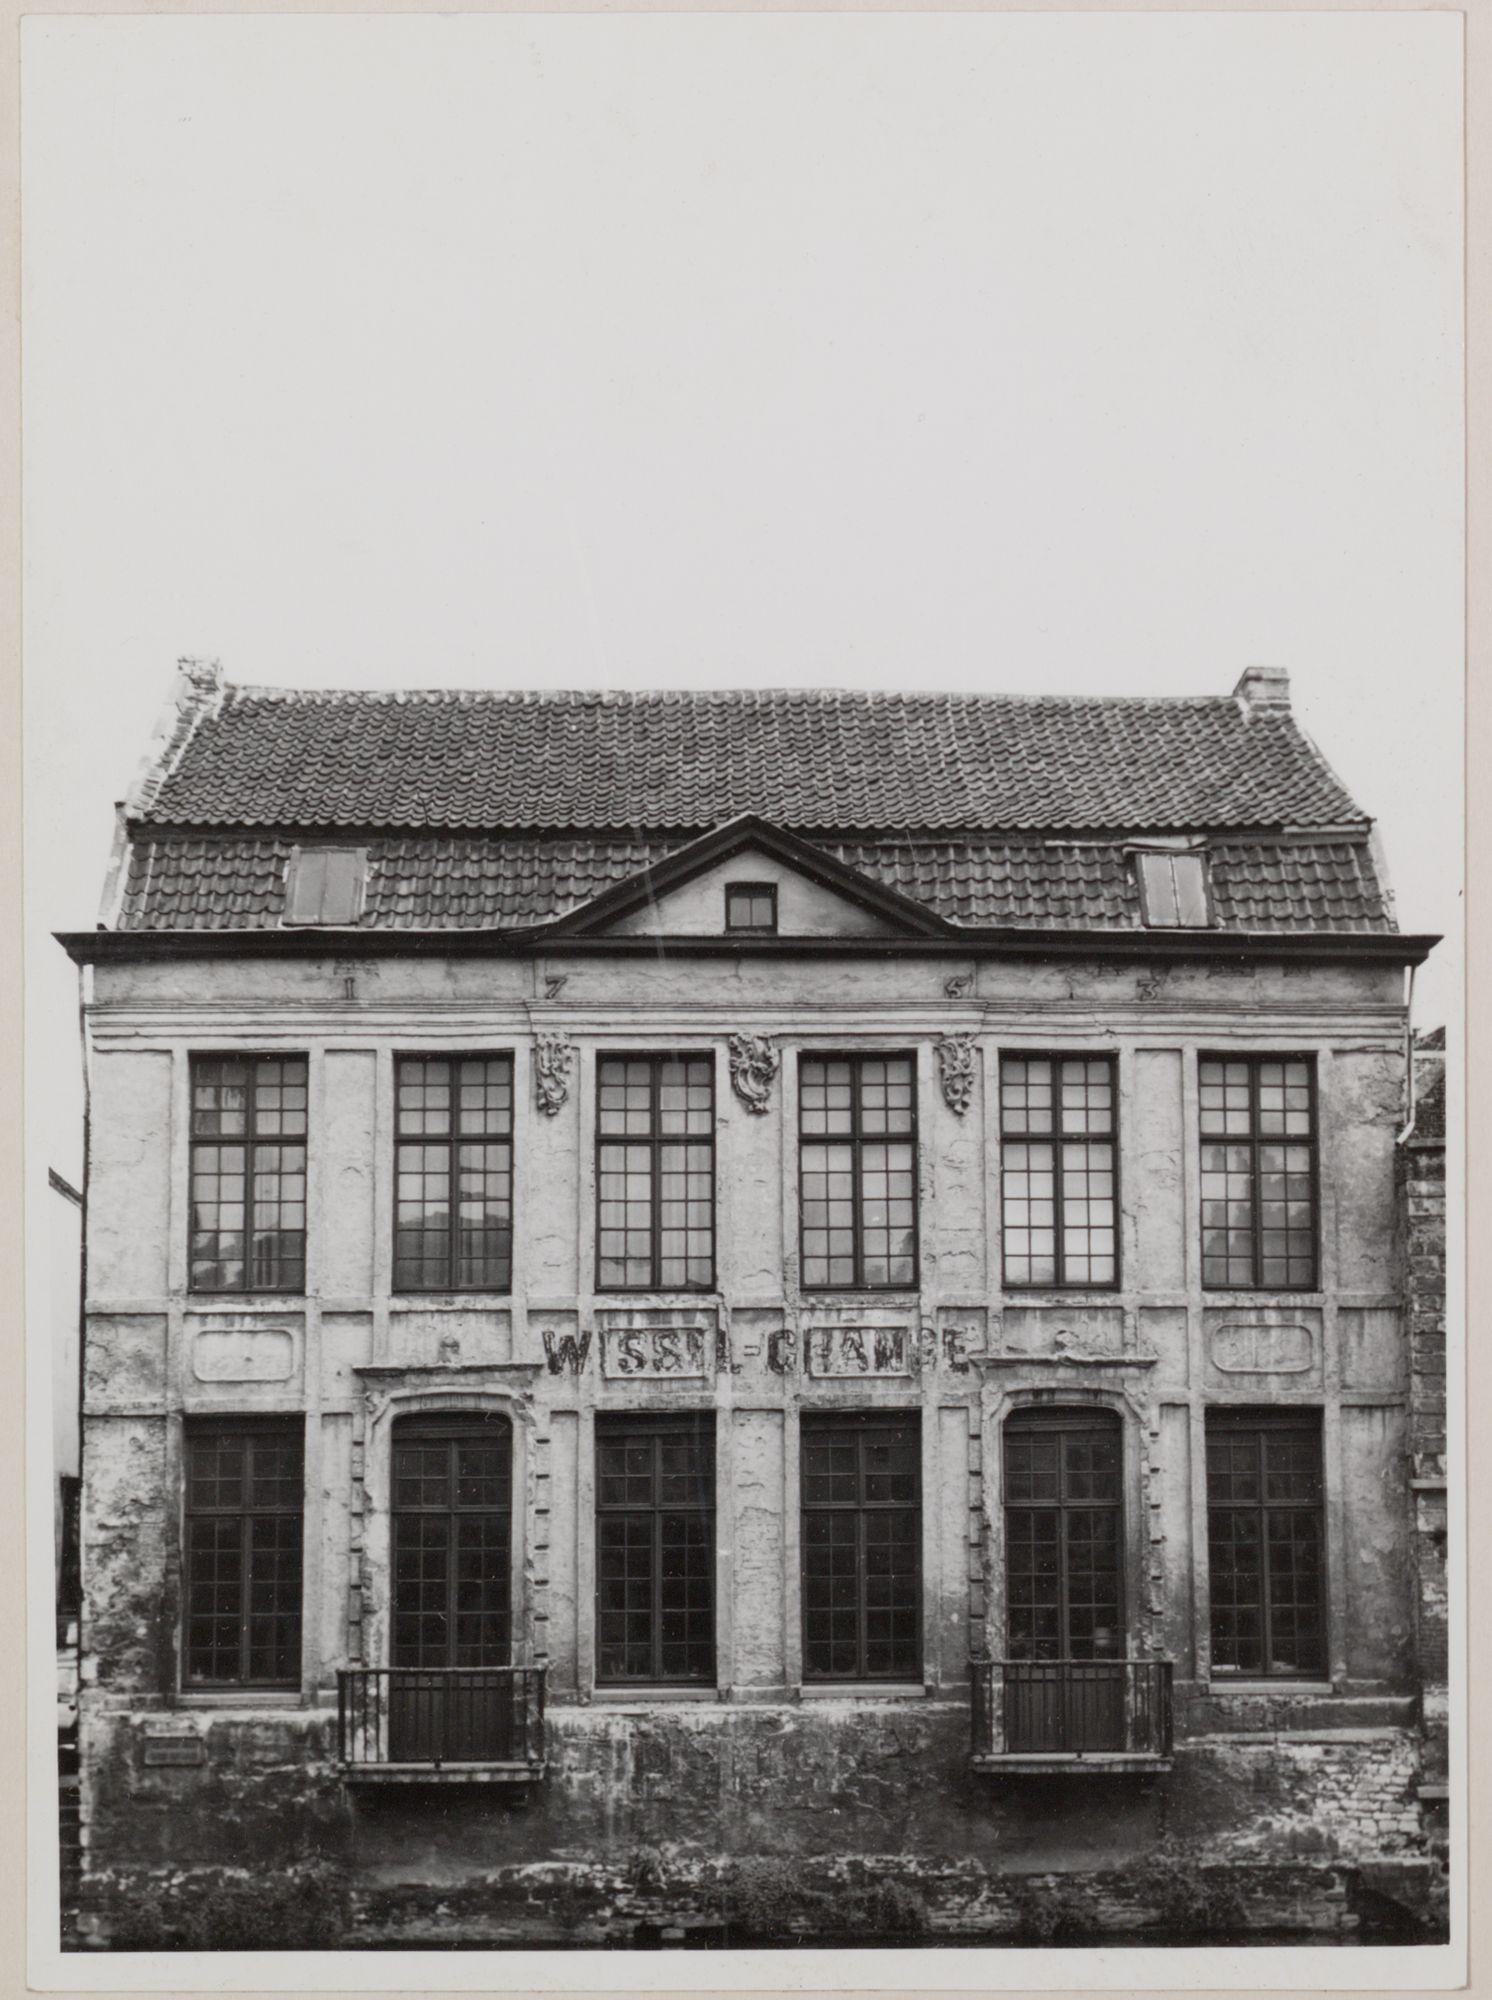 Gent: Huis, Hoefslagstraatje, achtergevel uitgevend op Leie, gezien van Korenlei